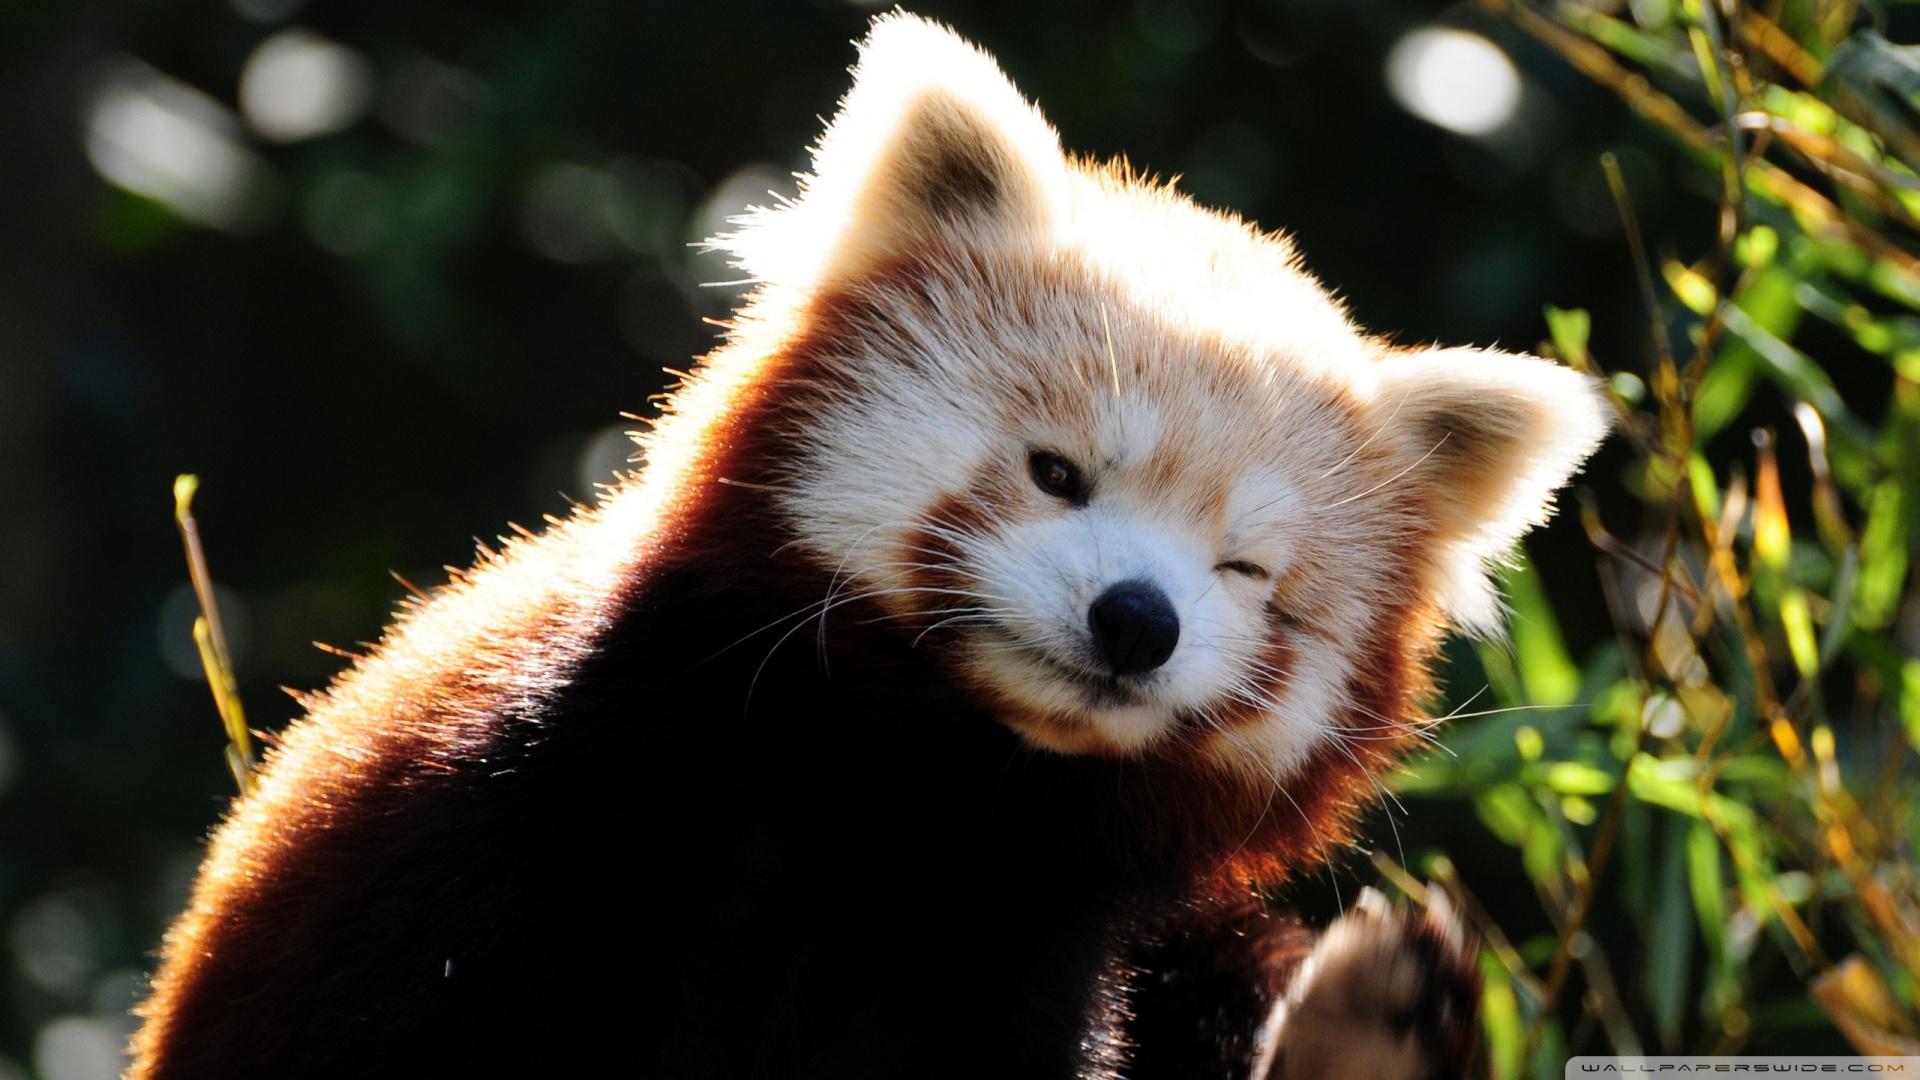 cute wallpaper panda red images 1920x1080 1920x1080